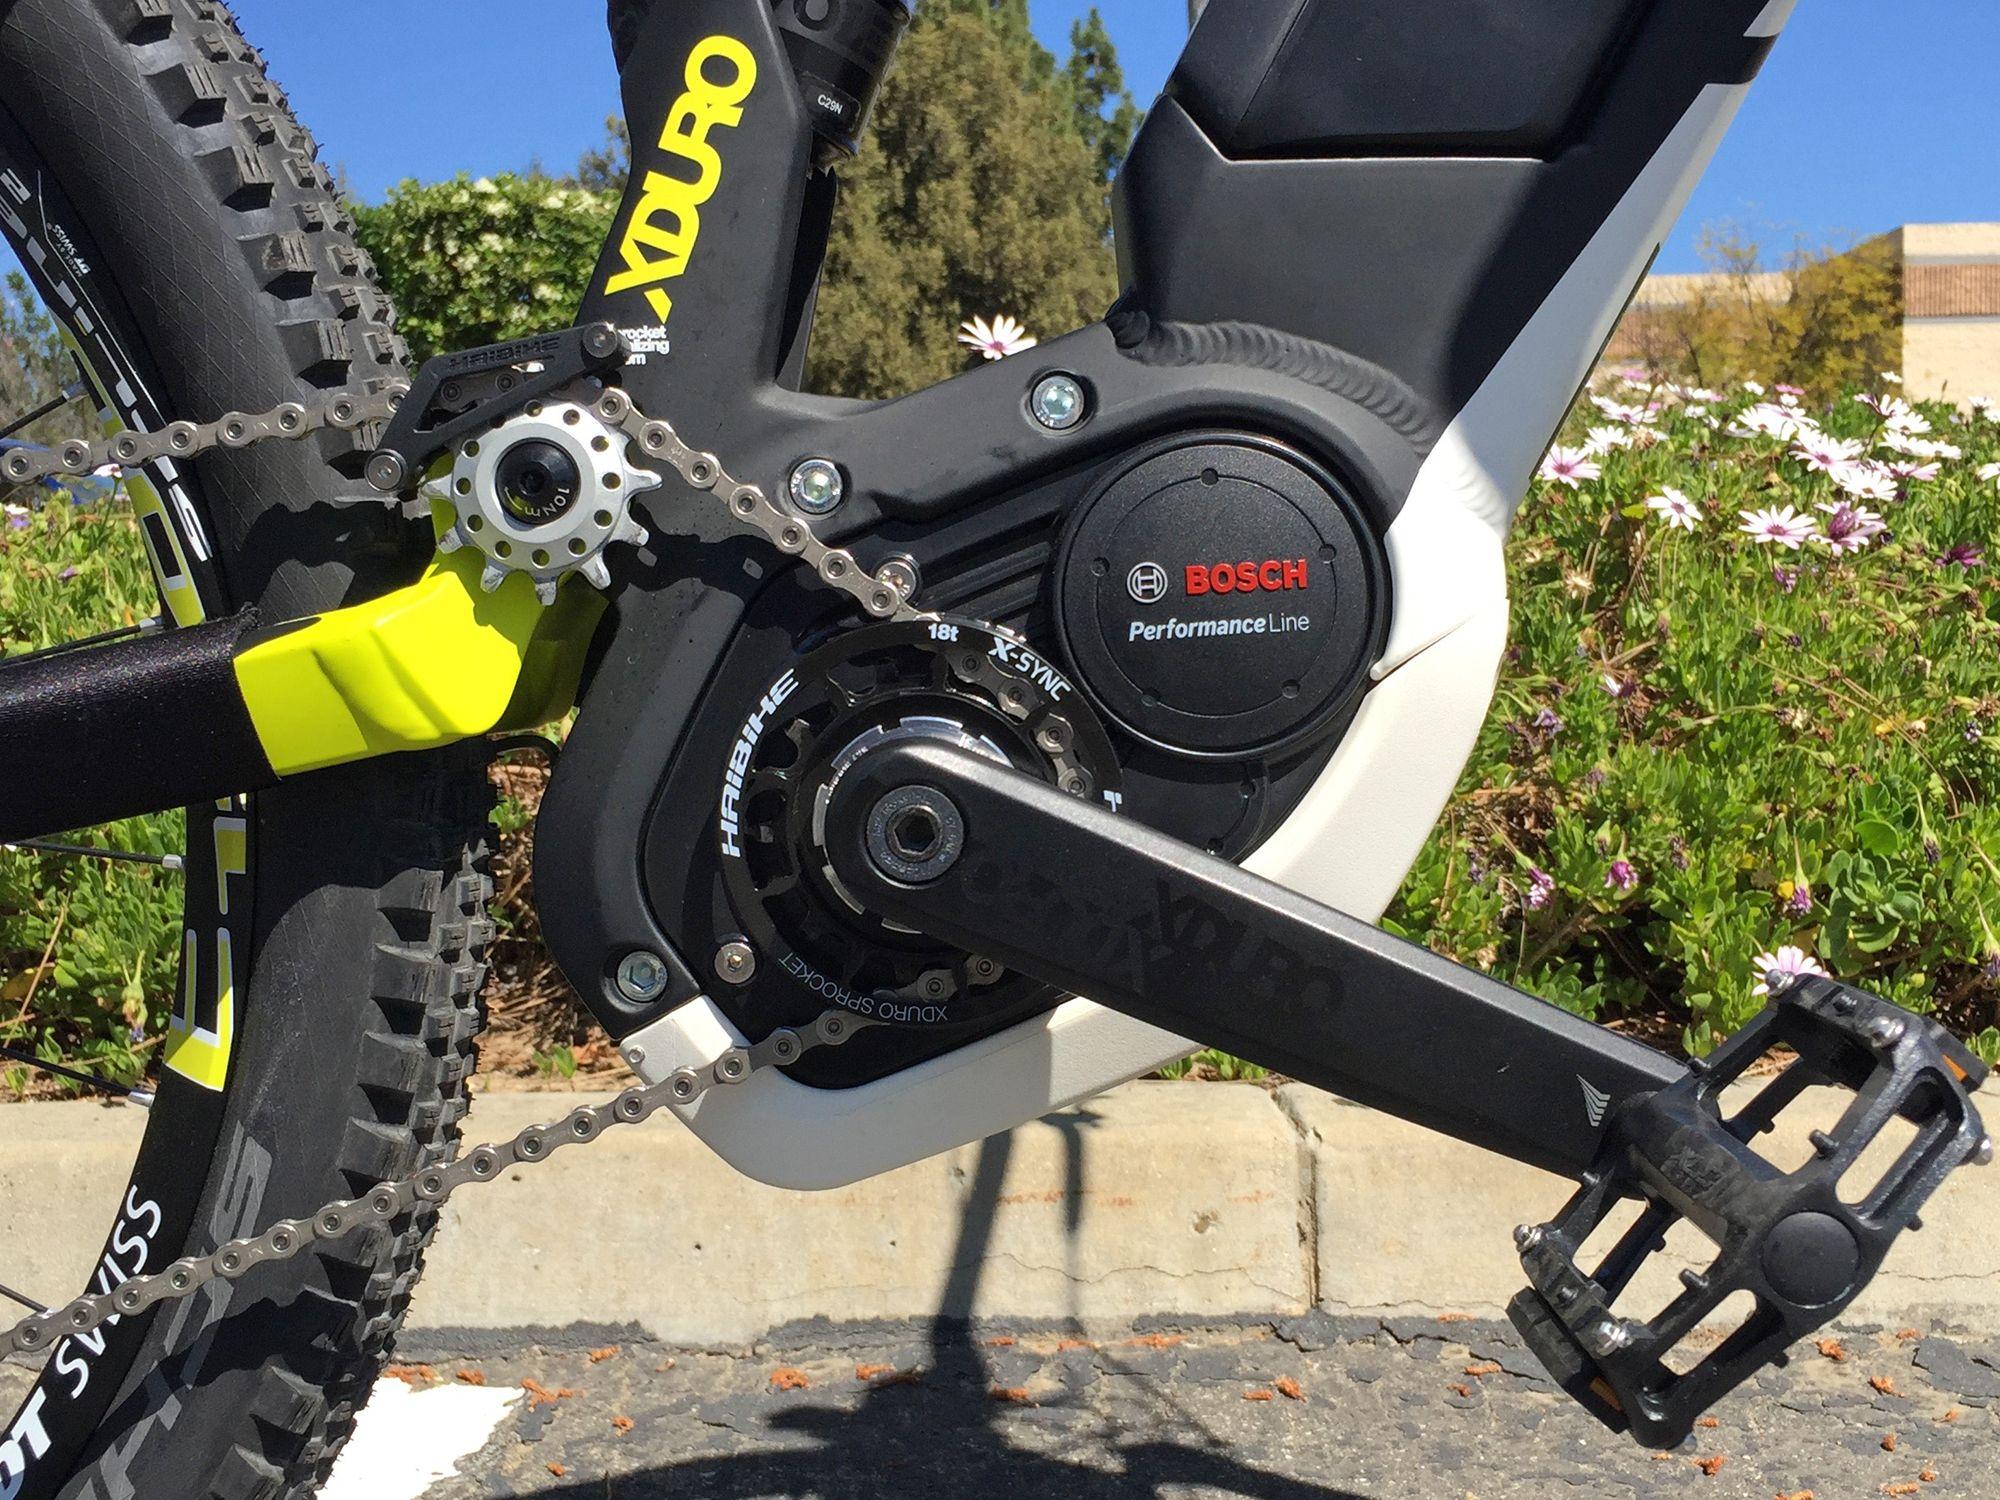 Schema Elettrico Ebike : Electric bike mid drive motor comparison ebike prices specs